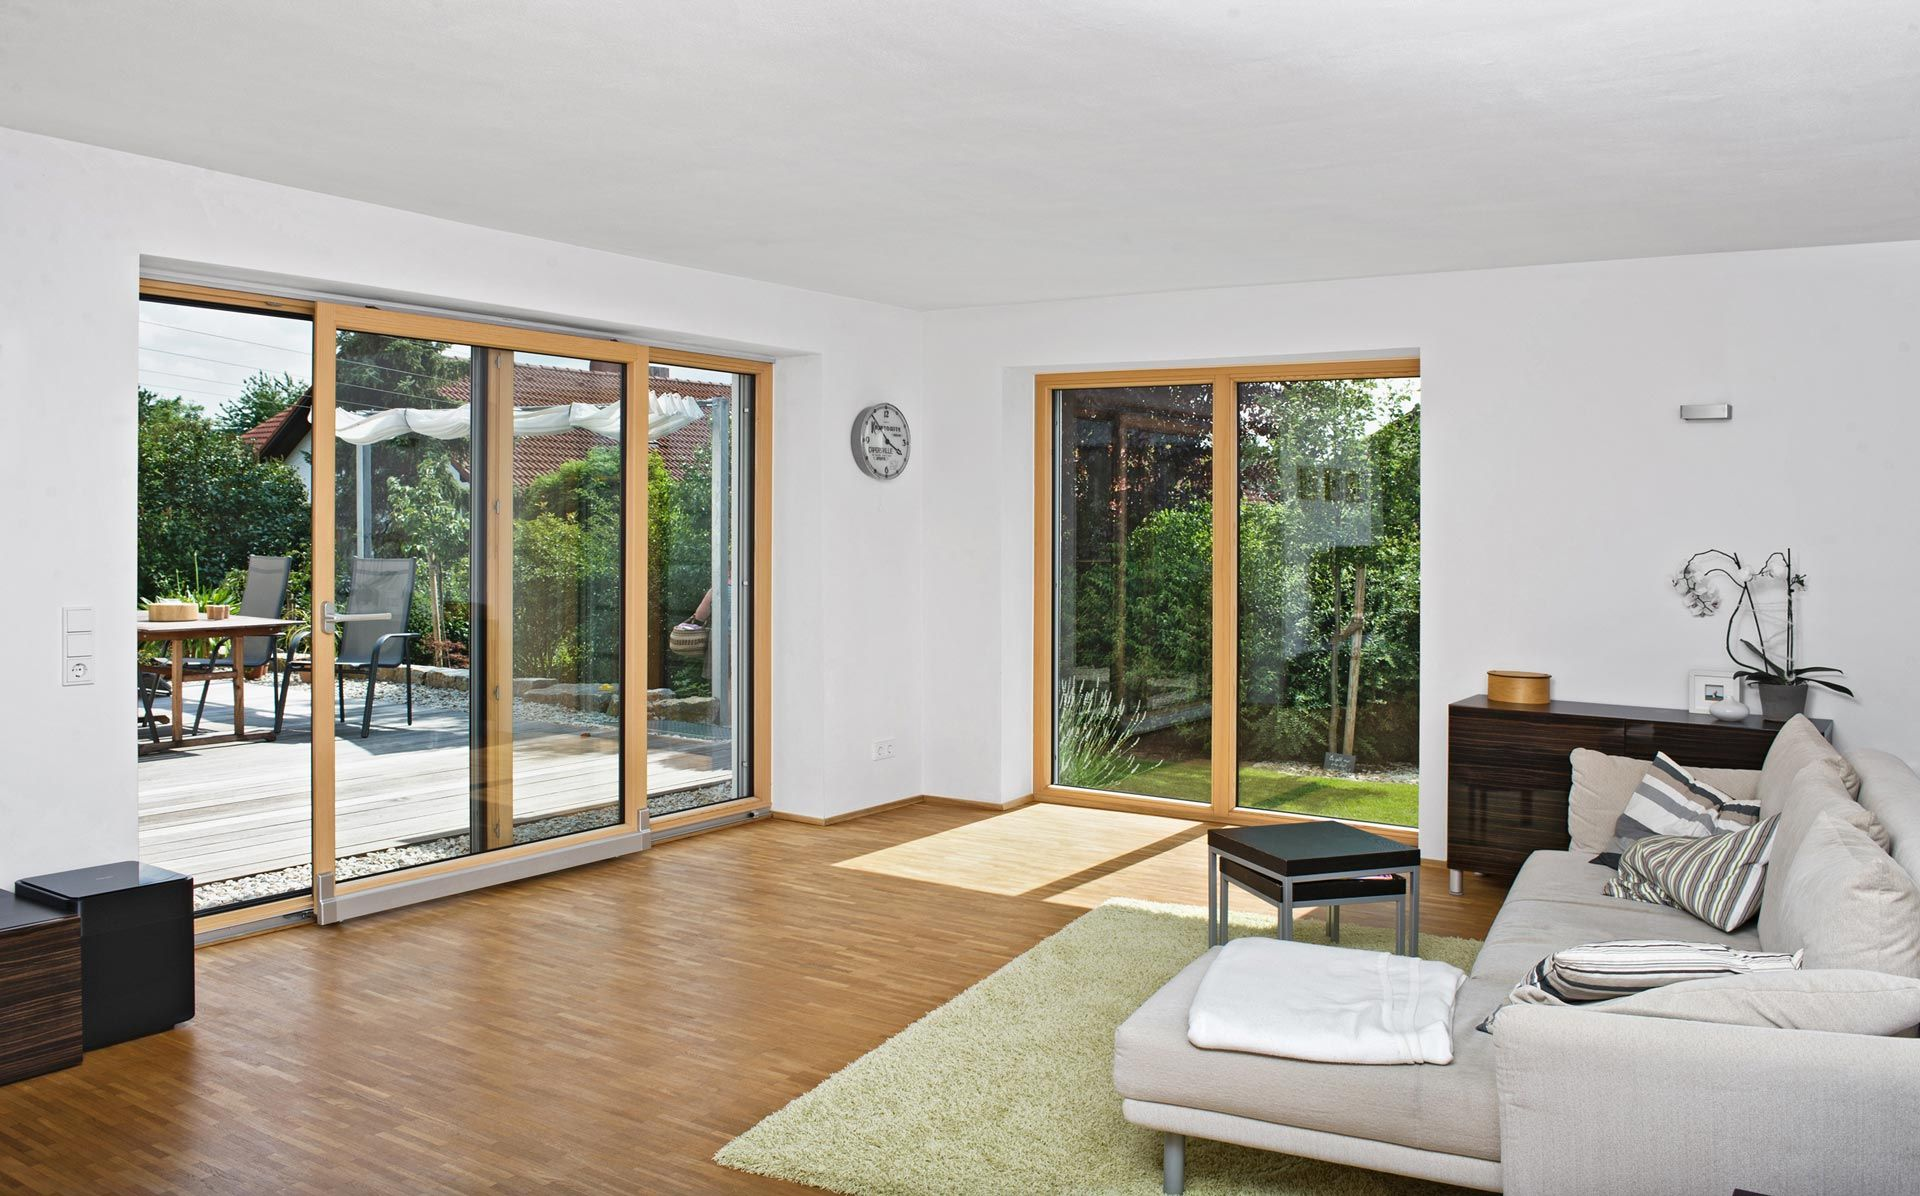 Holzfenster modern  Unilux HebeSchiebeTür in Holz-Alu | Fenster | Pinterest | Fenster ...